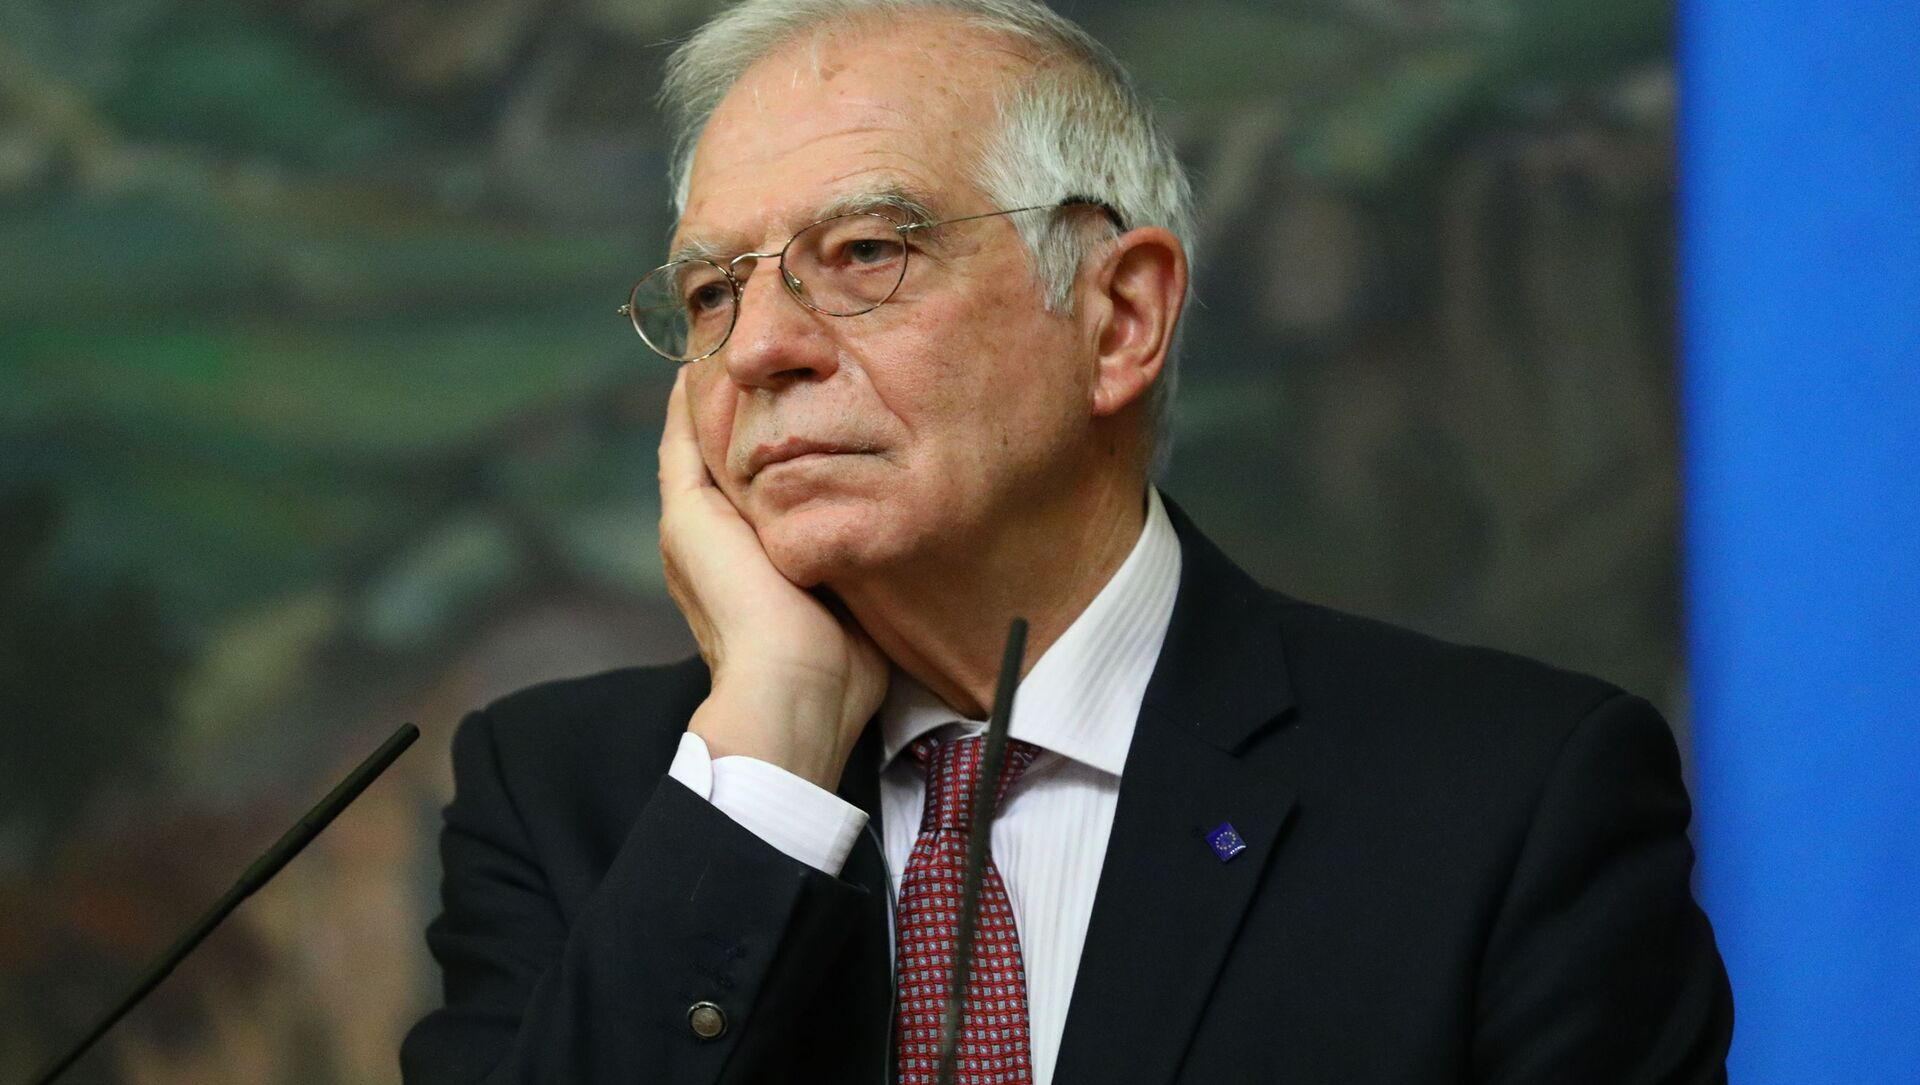 Верховный представитель Евросоюза по иностранным делам и политике безопасности Жозеп Боррель - Sputnik Абхазия, 1920, 12.02.2021